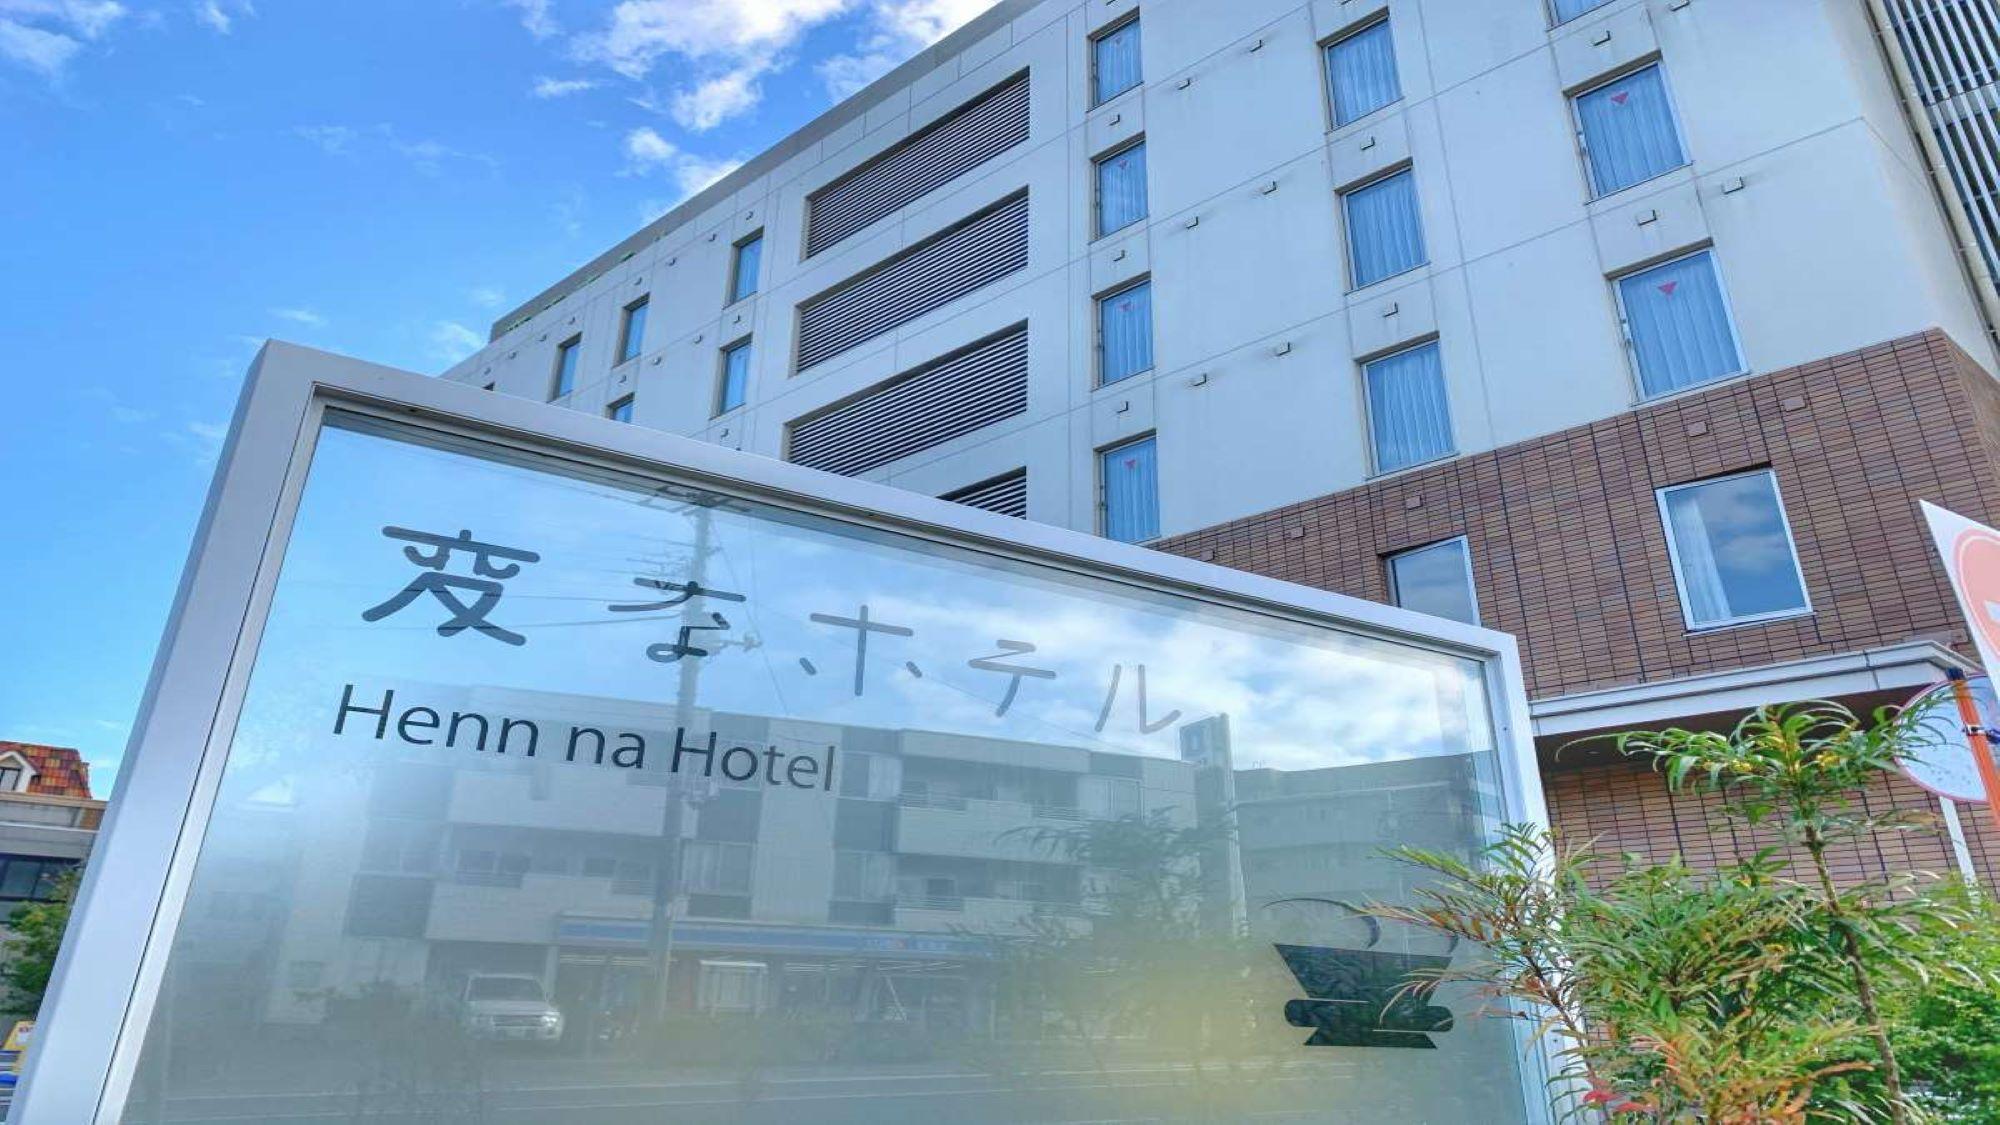 変なホテル舞浜 東京ベイ image